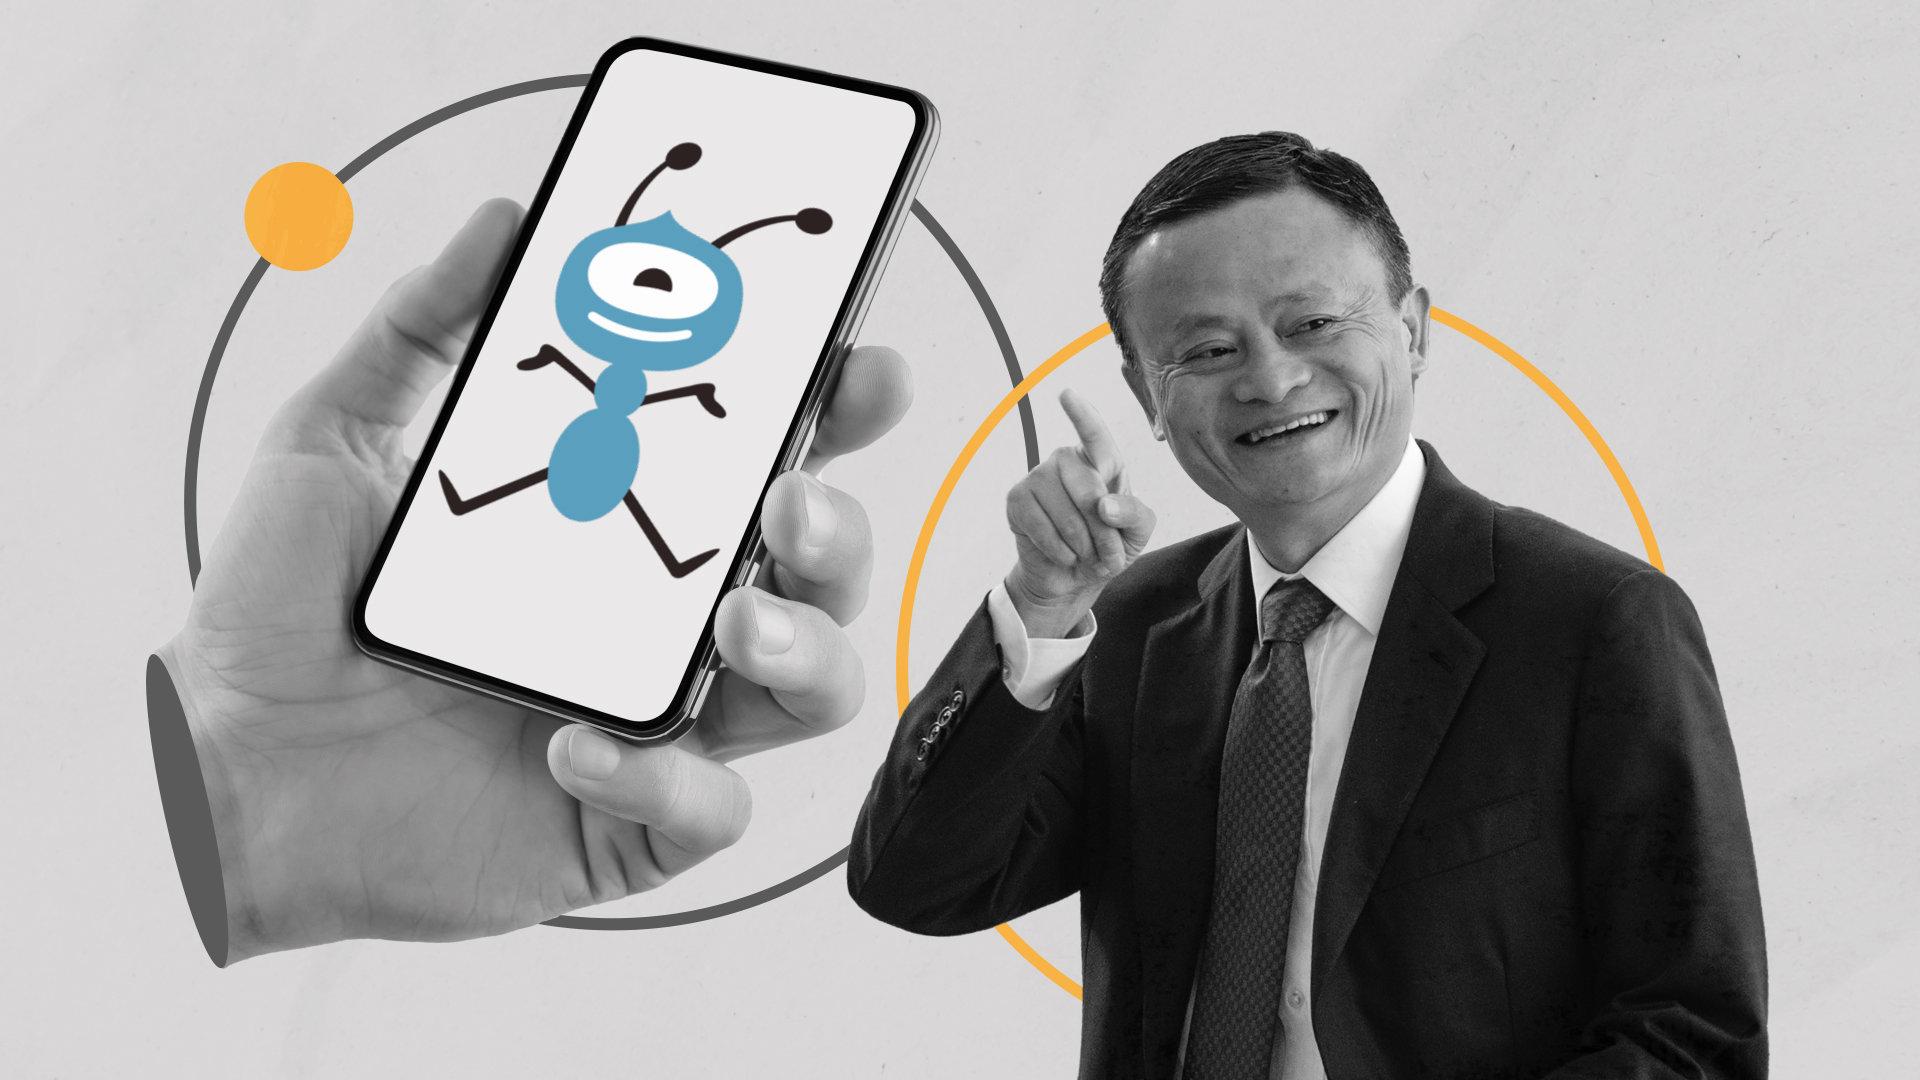 Tỷ phú Jack Ma là người đứng sau đế chế tài chính Ant Group